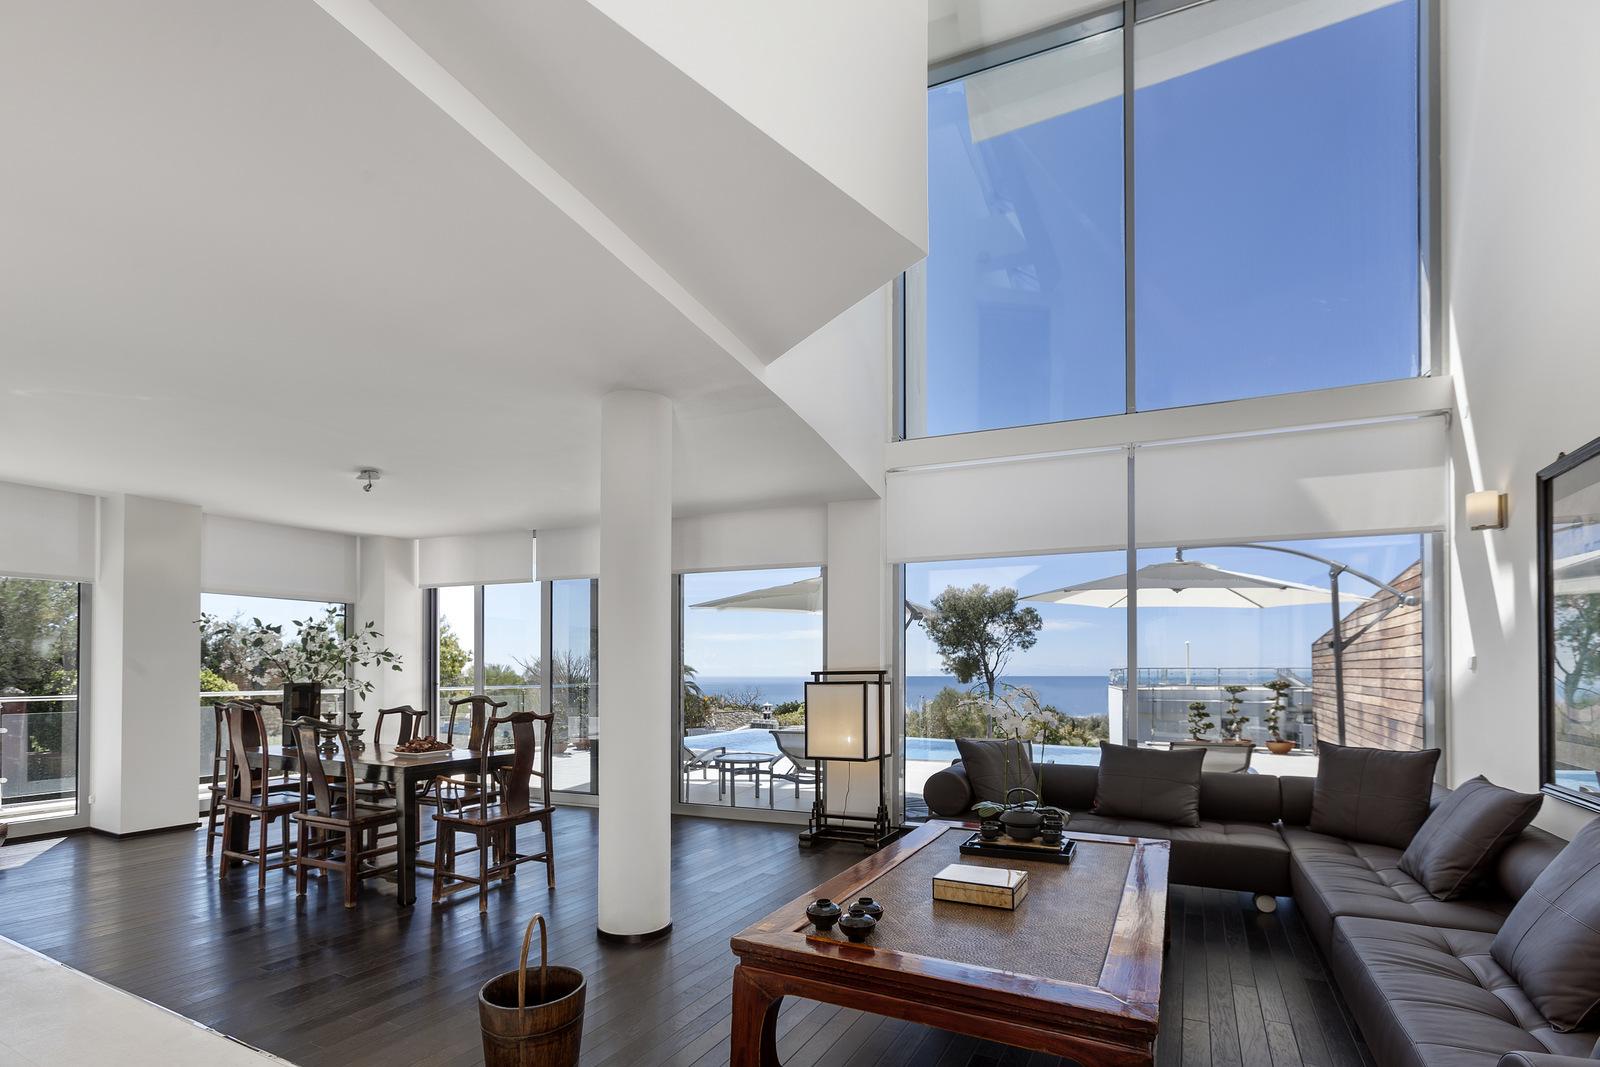 moderne villen in marbella. Black Bedroom Furniture Sets. Home Design Ideas